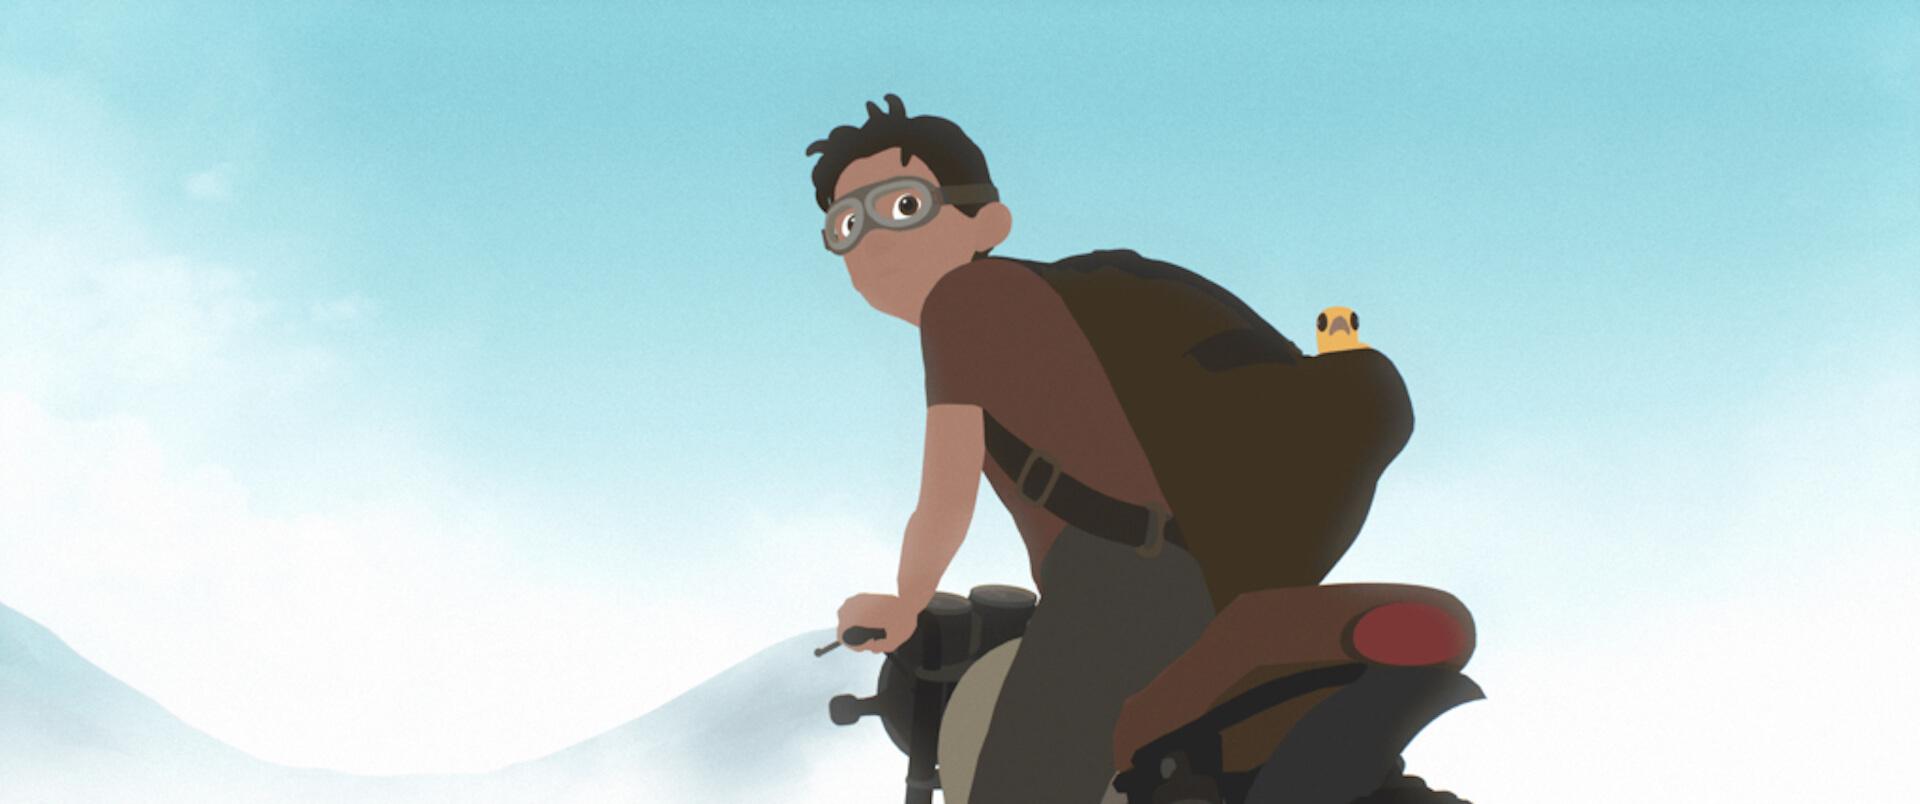 世界の映画祭で大絶賛のアニメーション映画『Away』の本編映像が到着!たった一人で製作・監督・編集・音楽を担当した長編大作 film201201_away_03